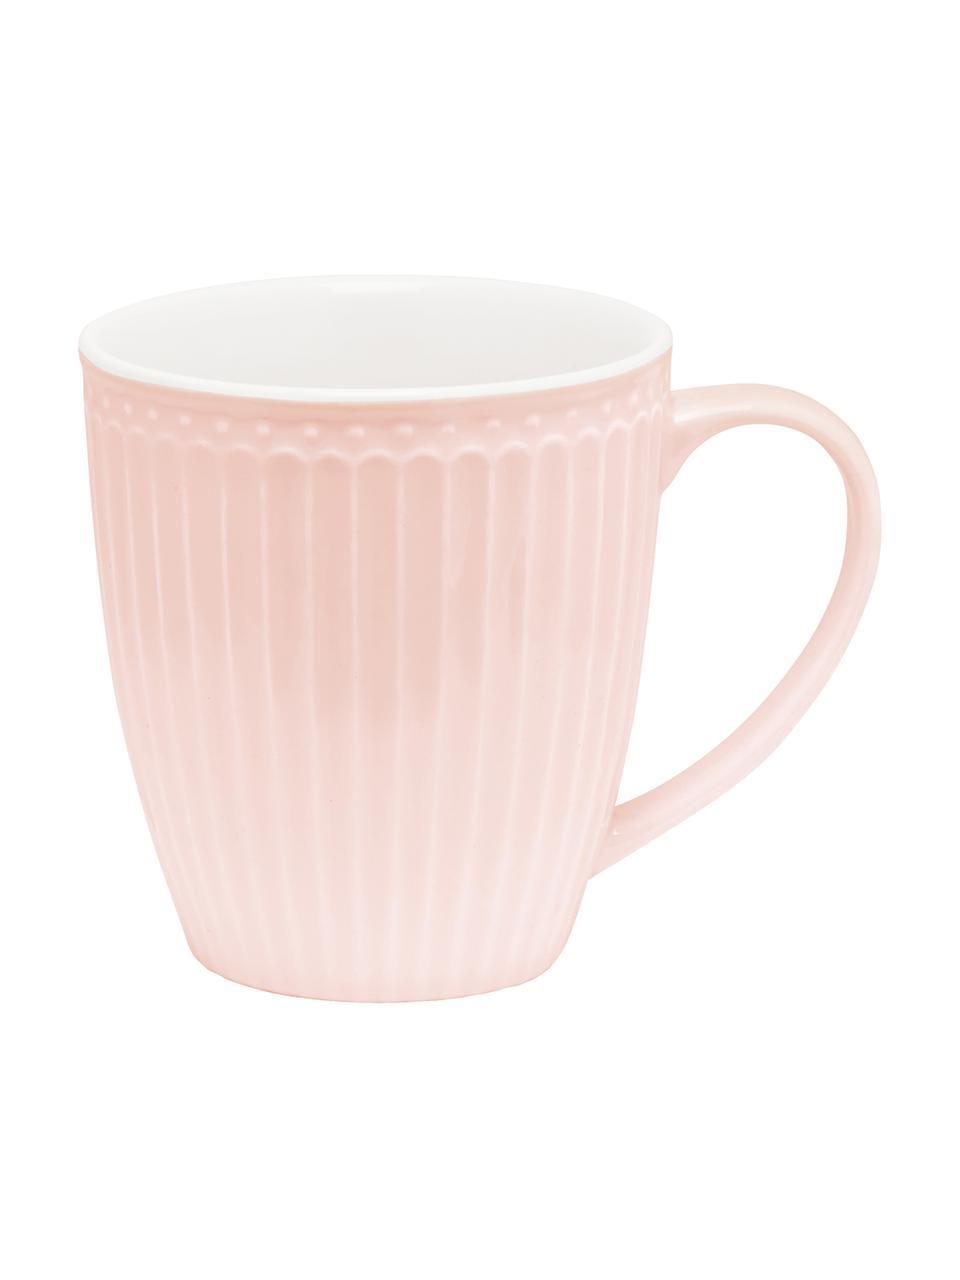 Tasse en porcelaine Alice, 2pièces, Rose